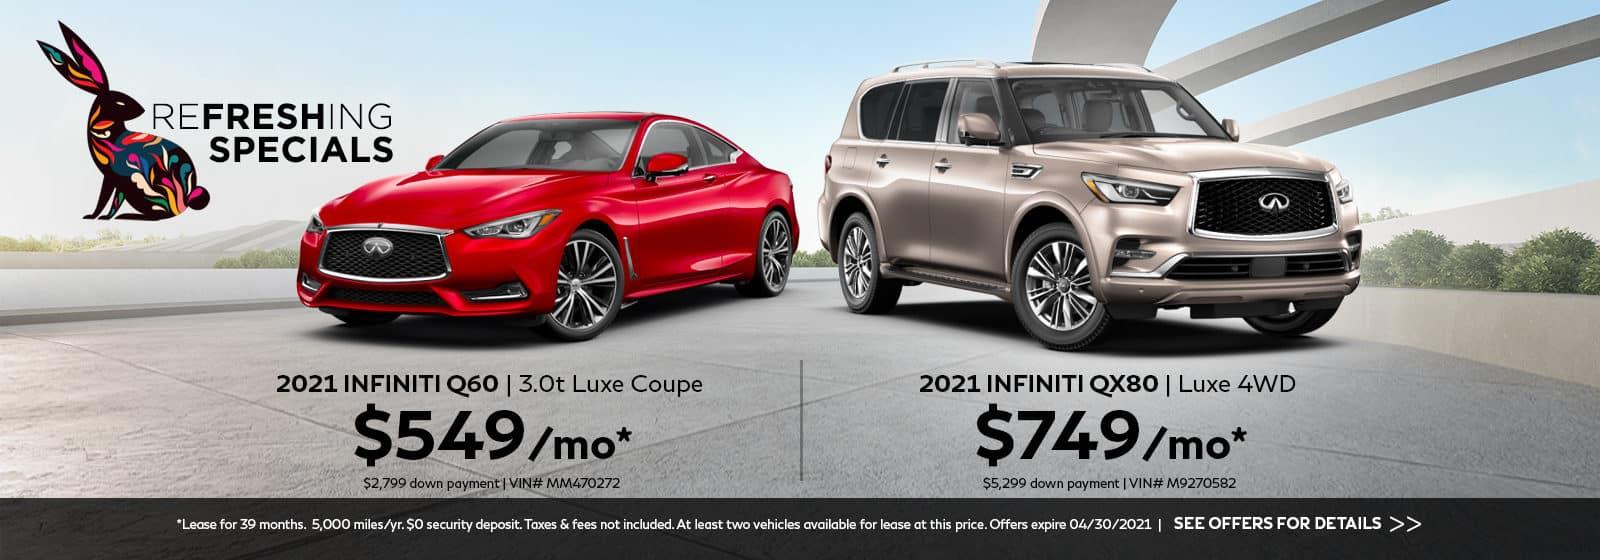 A red 2021 INFINITI Q60 and a beige 2021 QX80